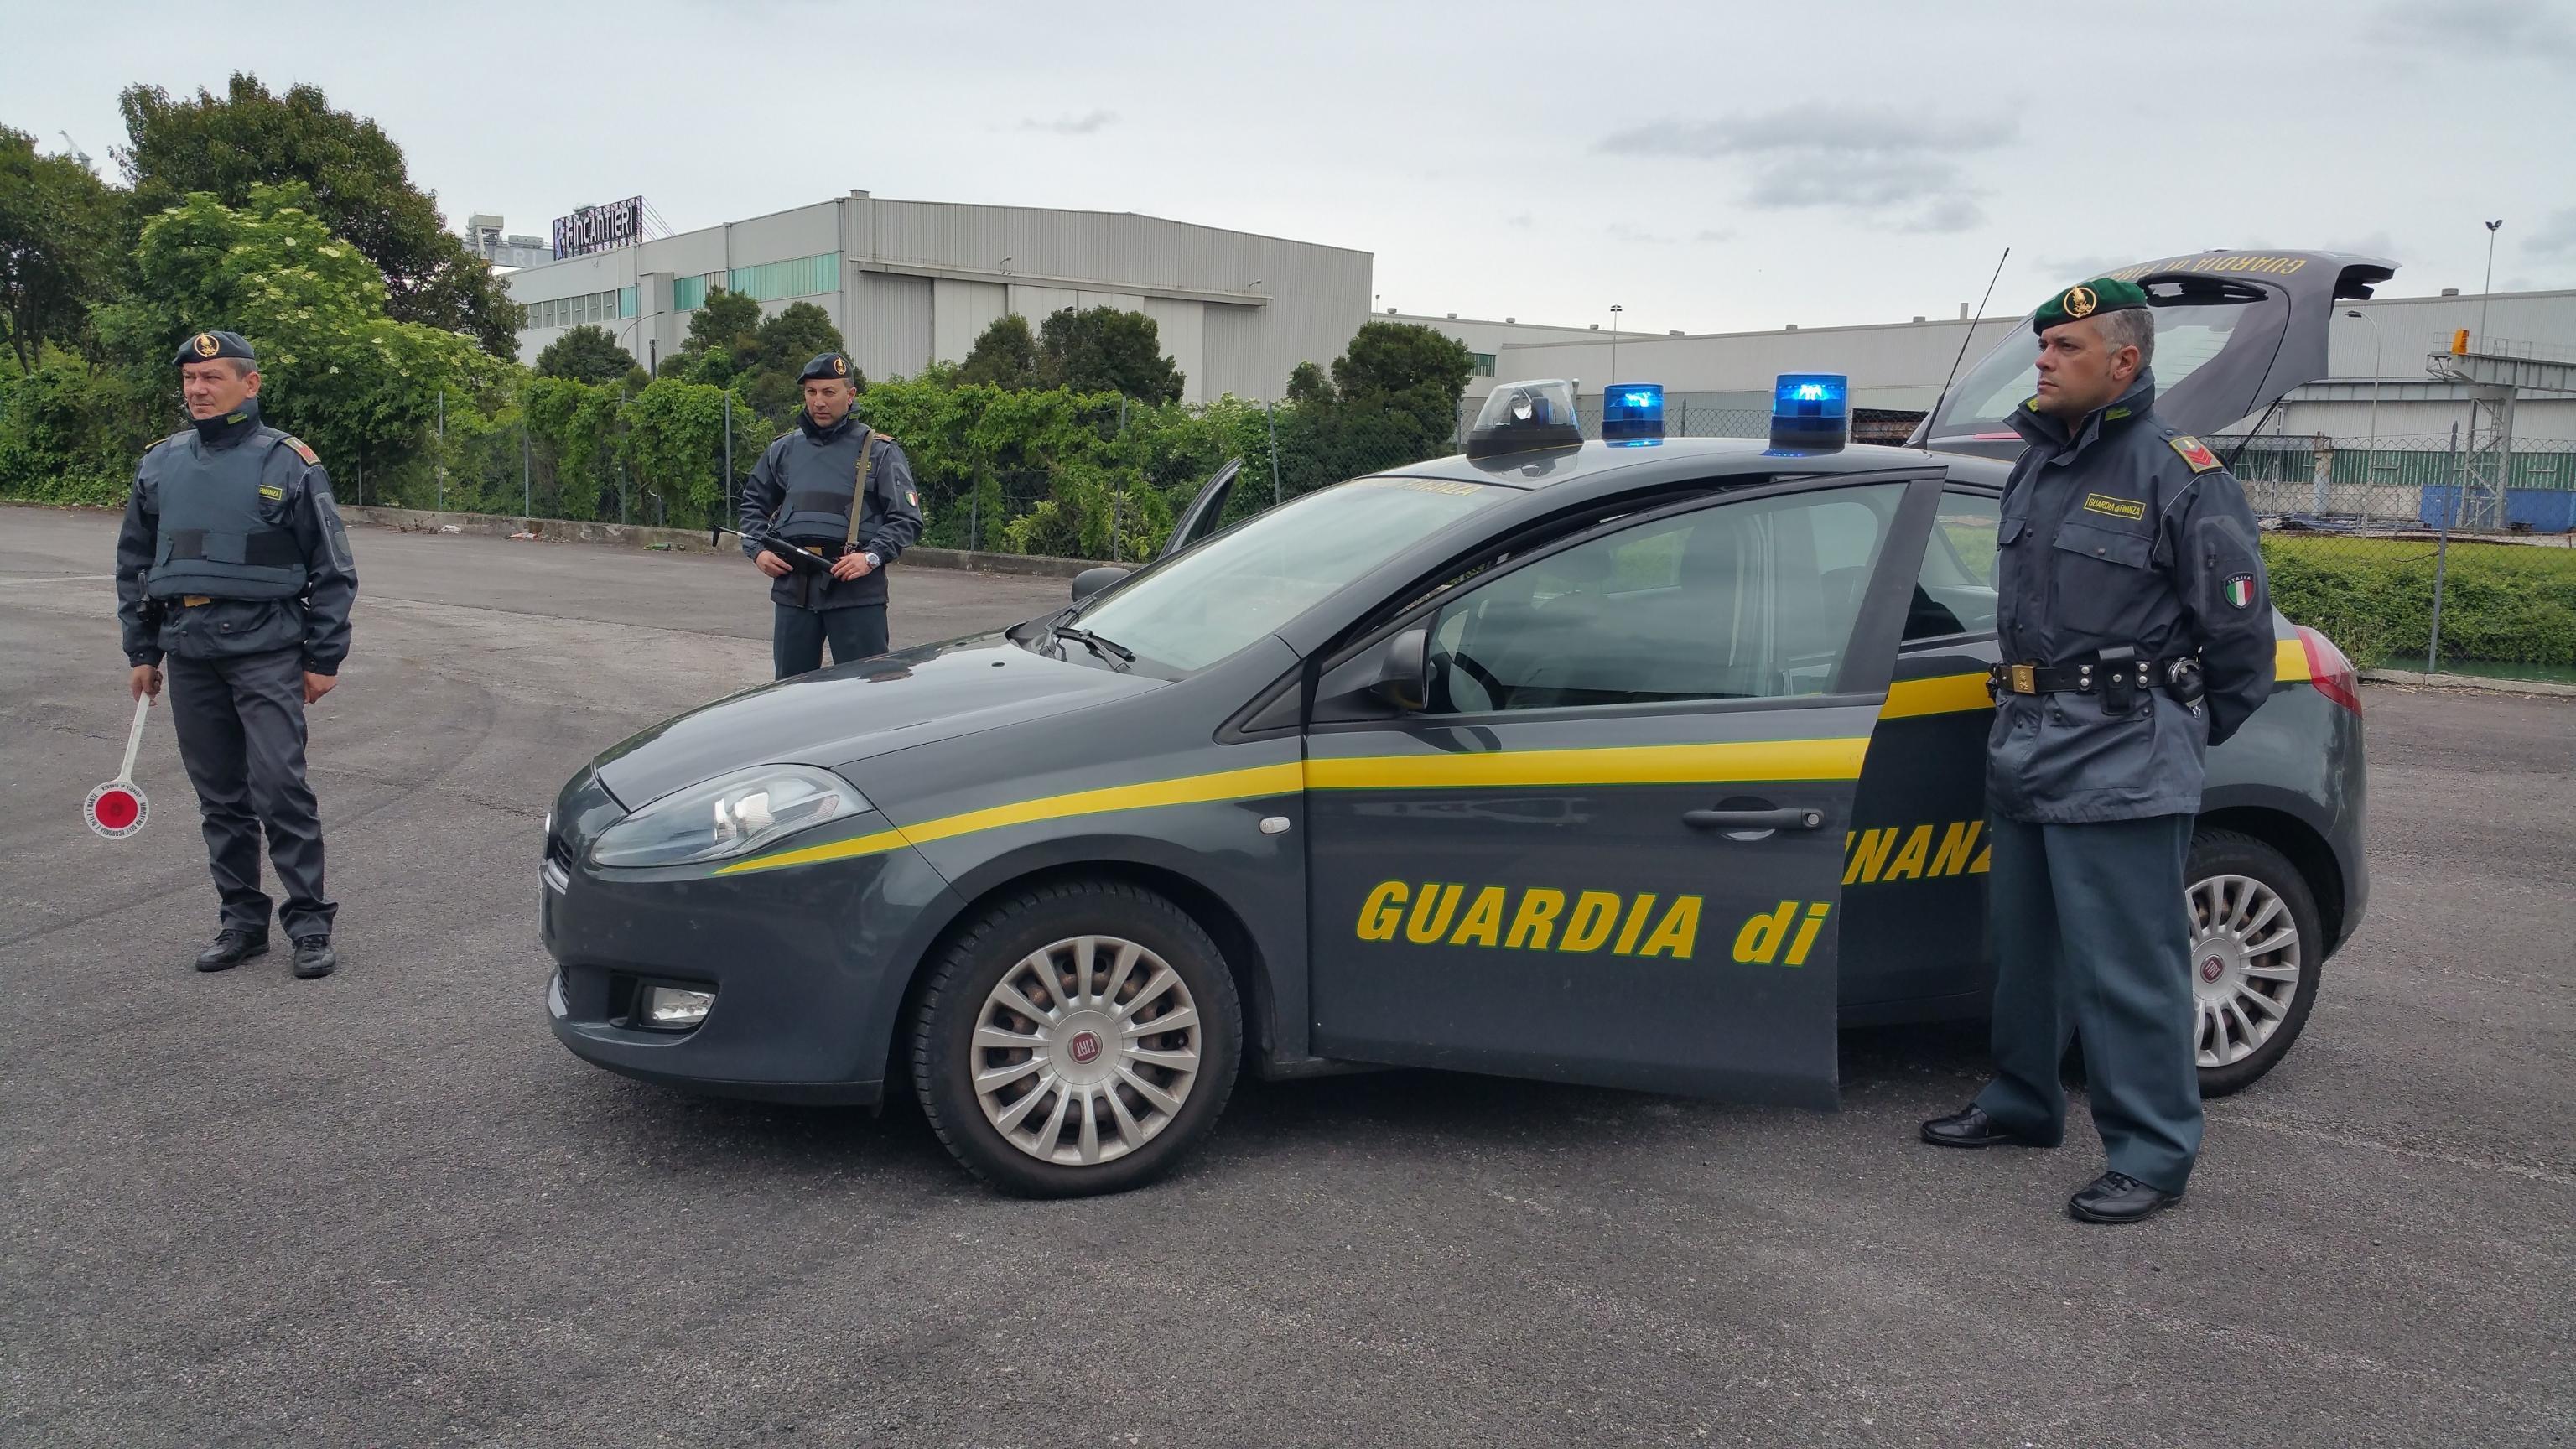 Assenteisti 7 impiegati Regione Calabria